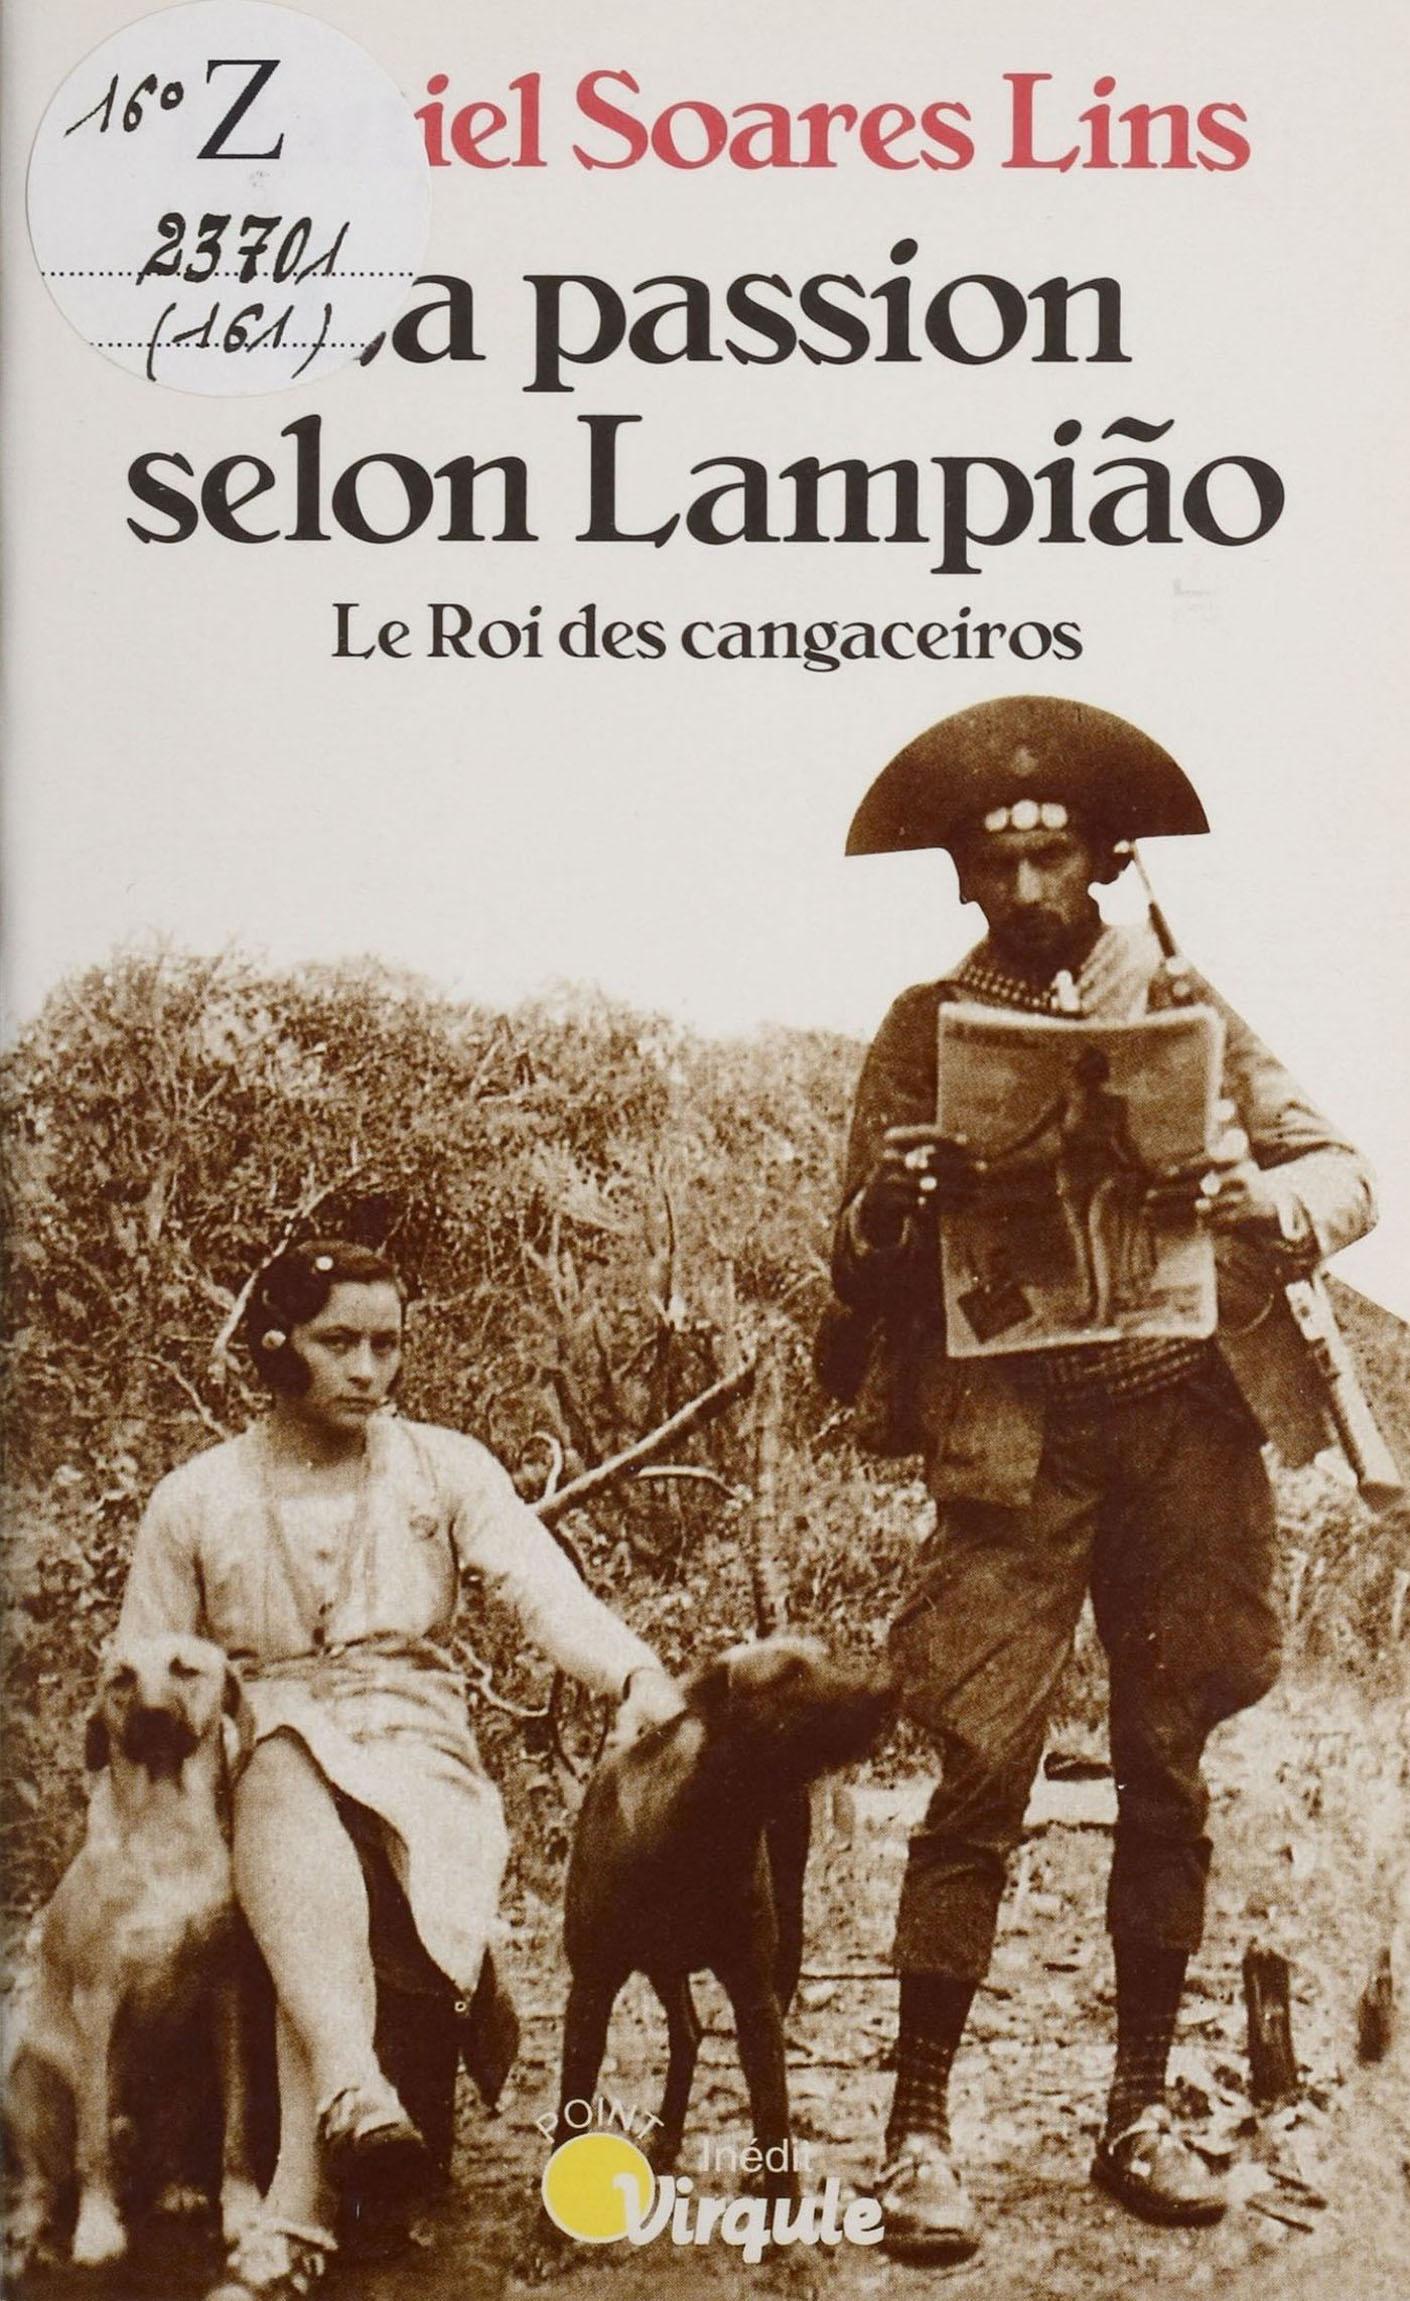 La Passion selon Lampiao